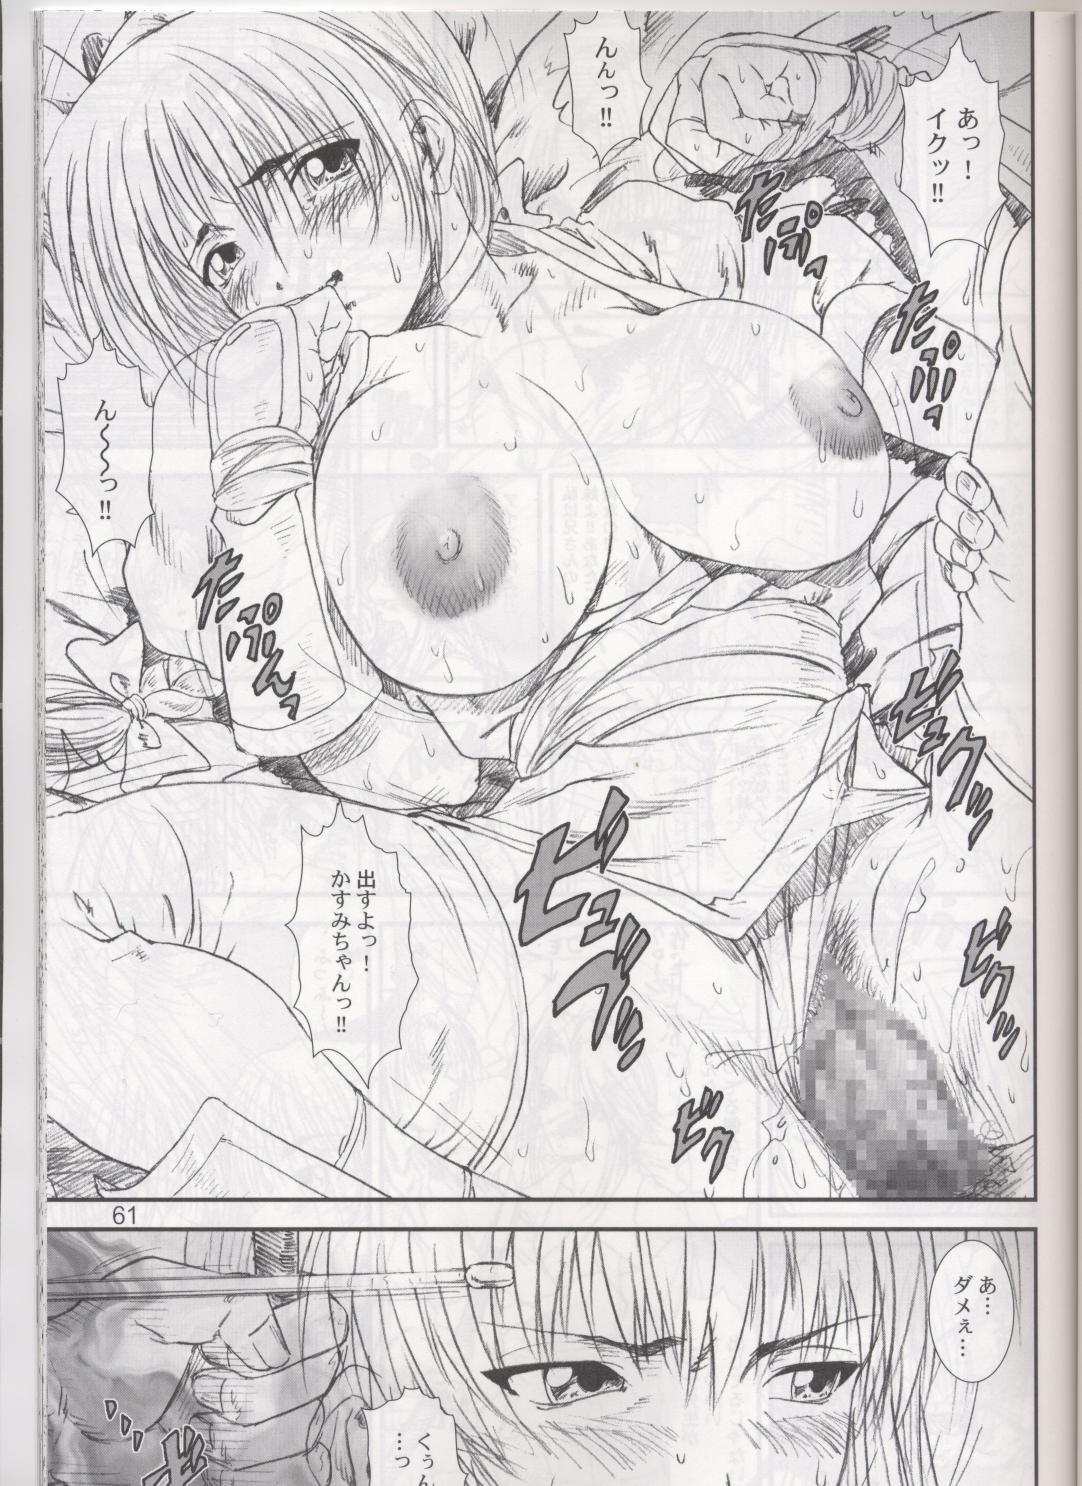 Kikan Tomomi Ichirou Dai 4 Gou 2002 Nen Natsu Aki Fuyu Daigappeigou 60